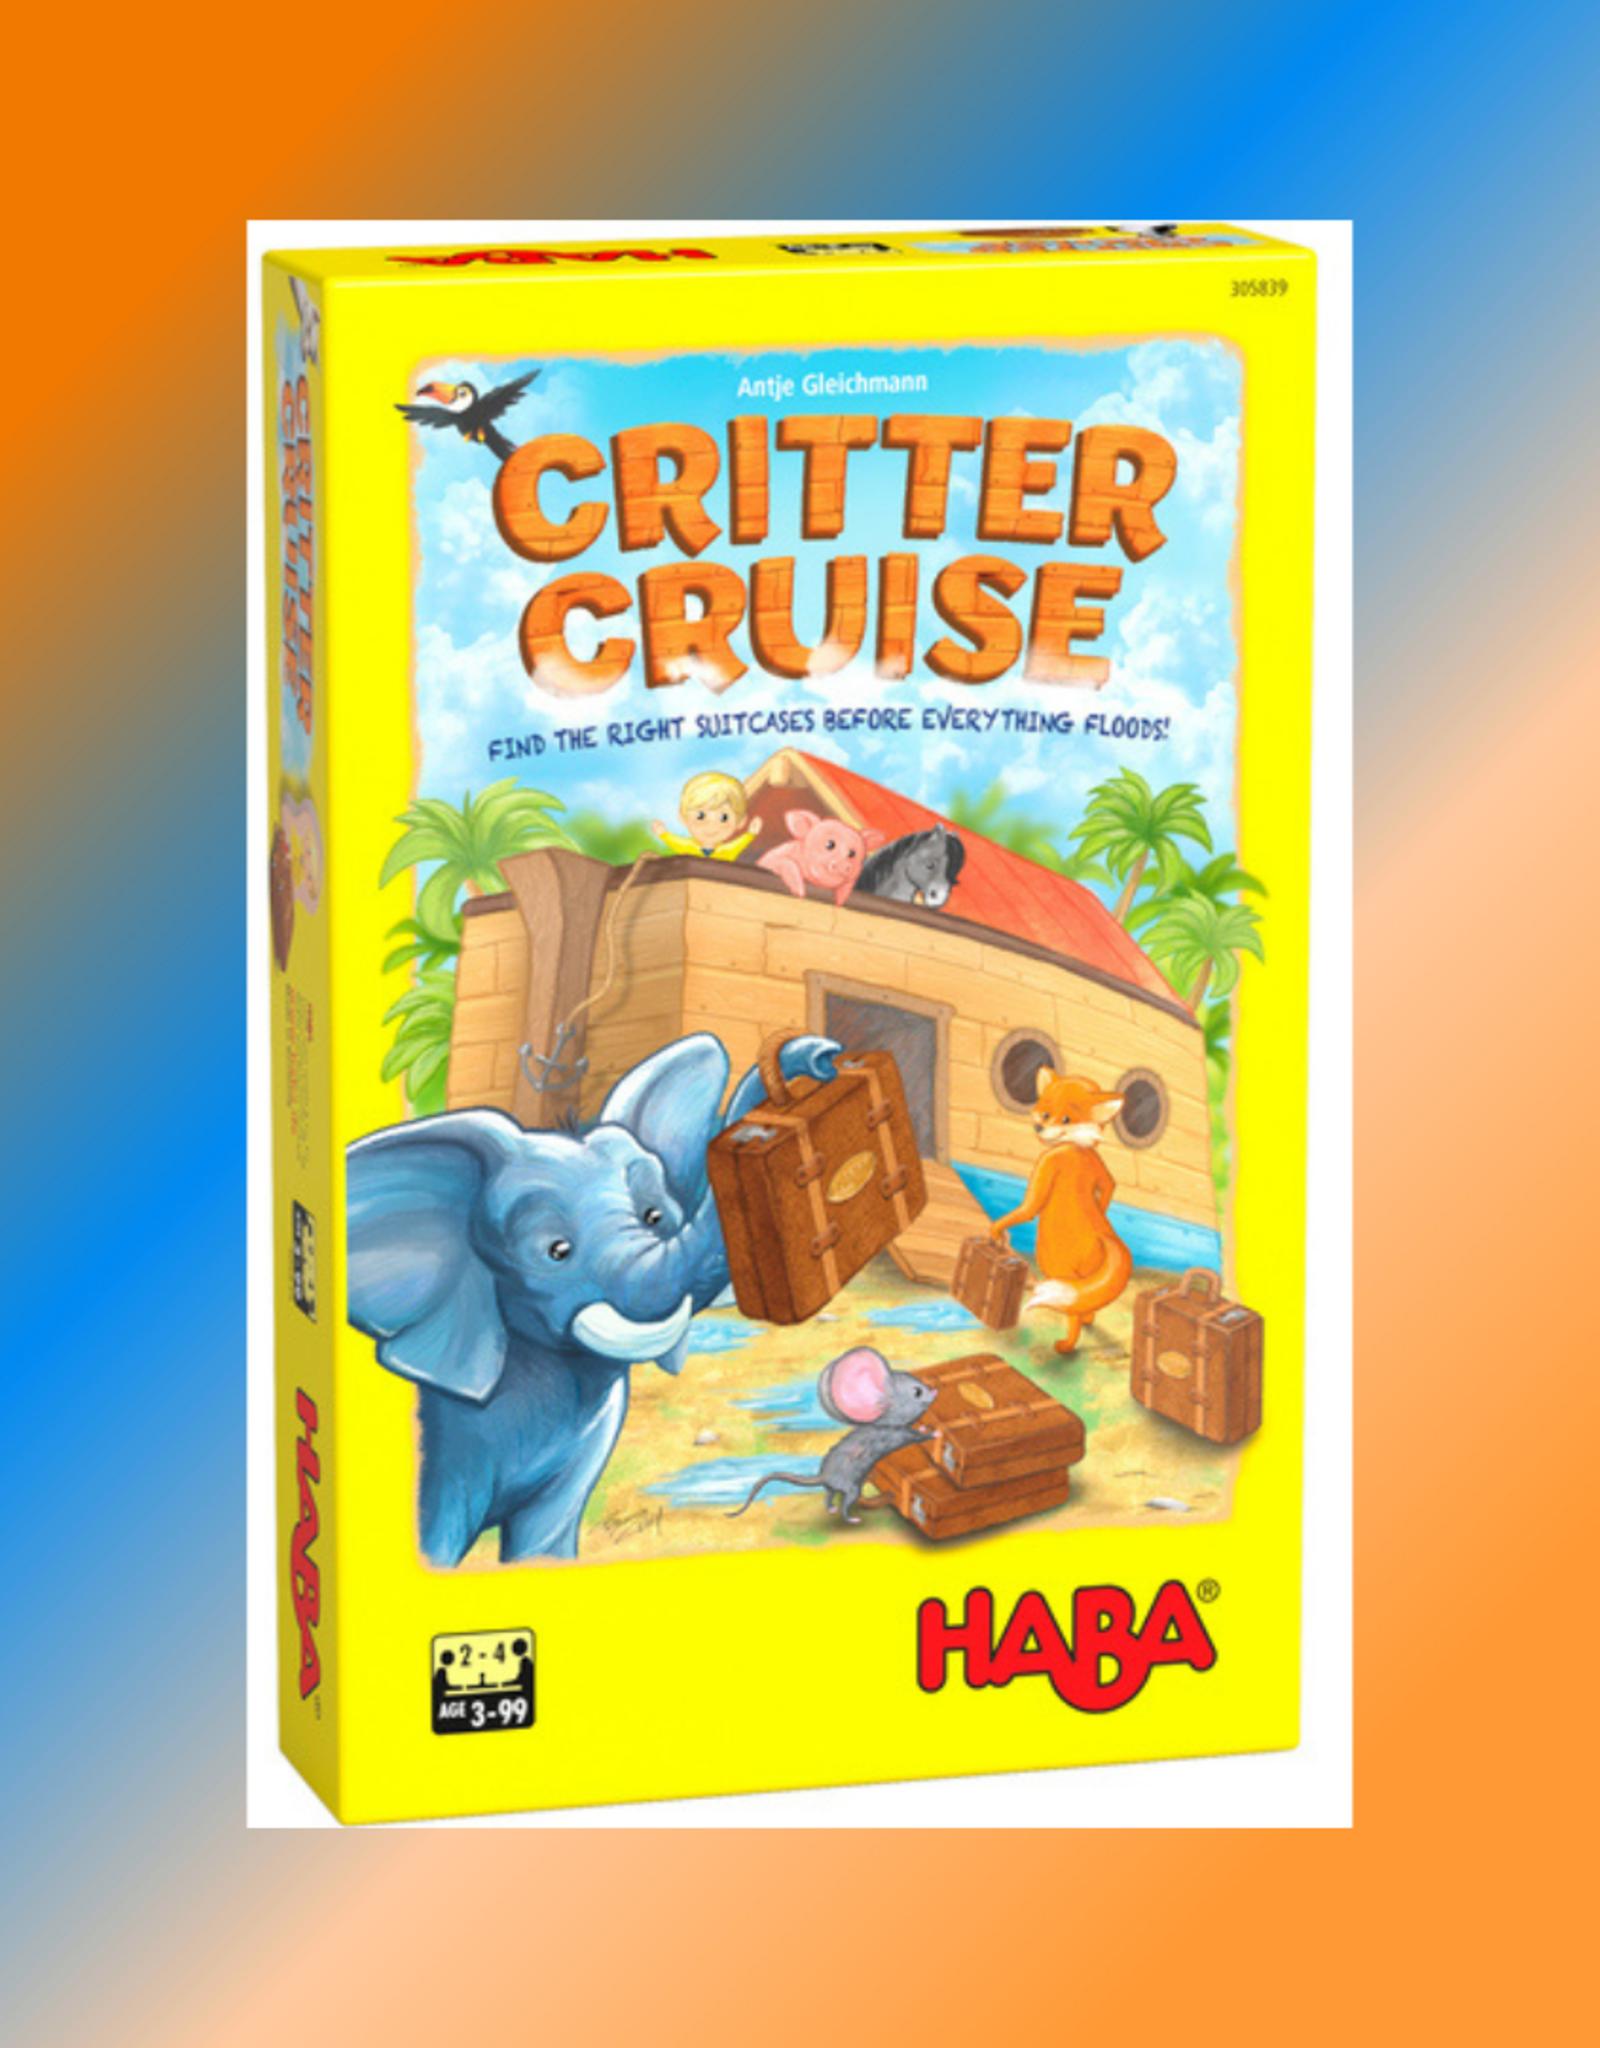 HABA CRITTER CRUISE